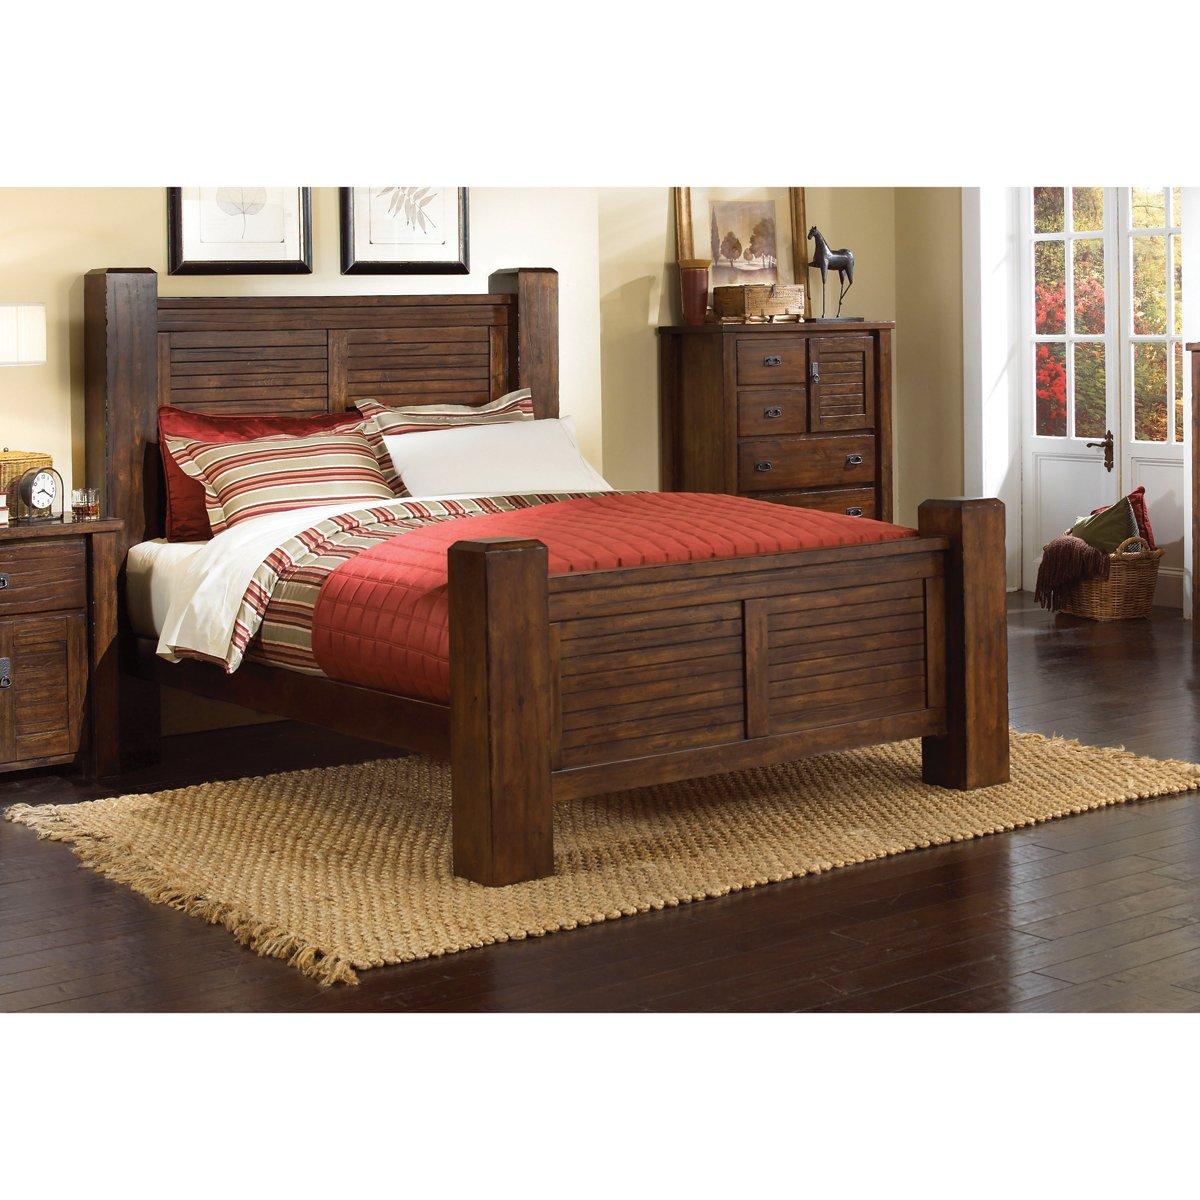 Dark pine 6 piece queen bedroom set trestlewood rc for Bedroom 6 piece set